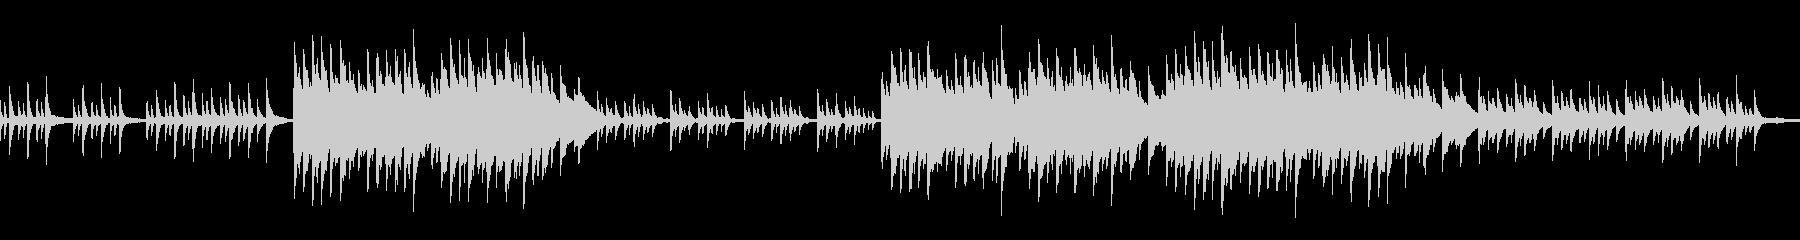 ループ ノスタルジックで切ないピアノソロの未再生の波形